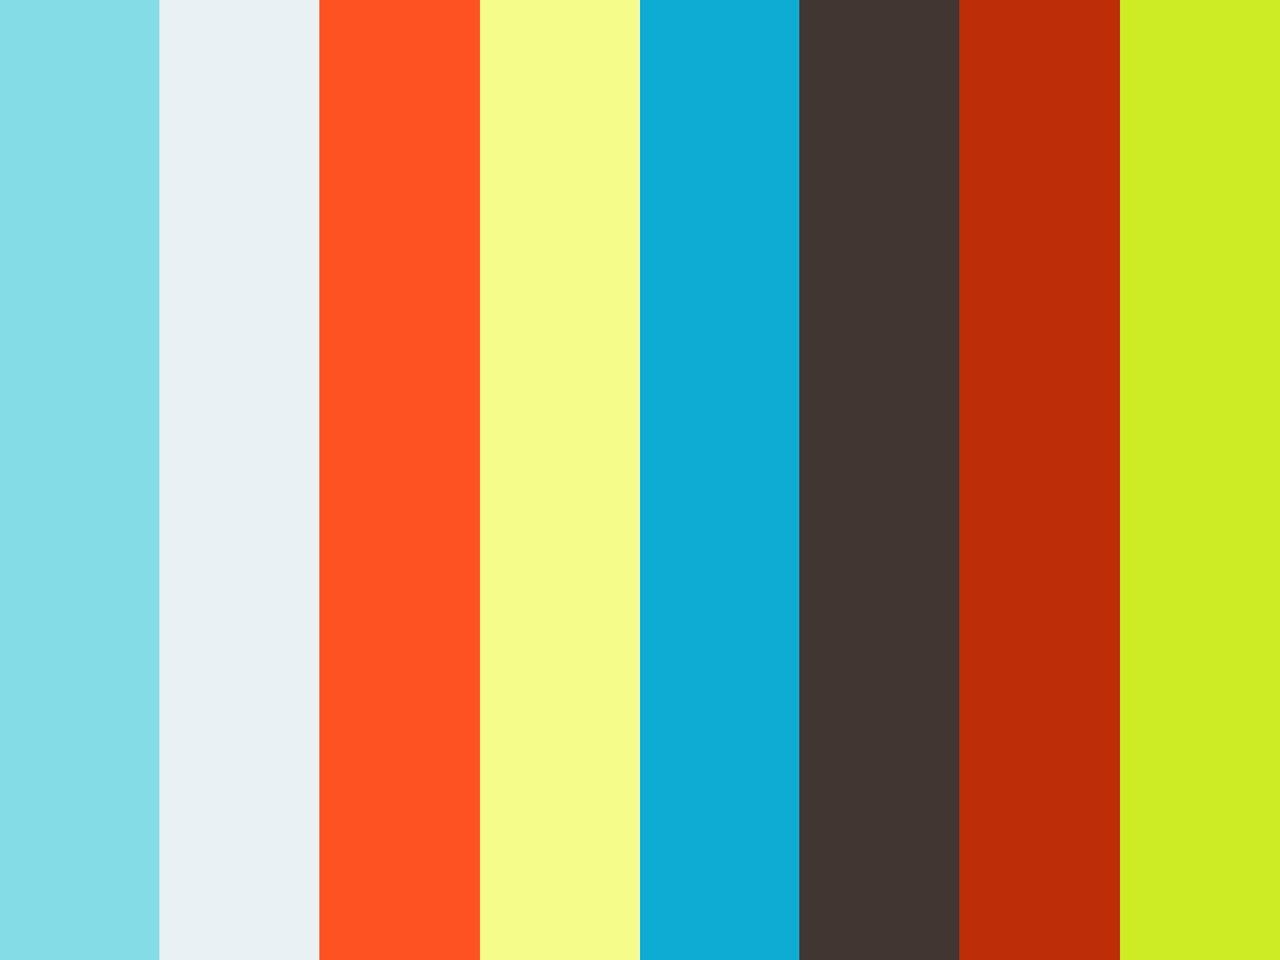 PROLIFIC BEINGS REEL 2014 1280x720